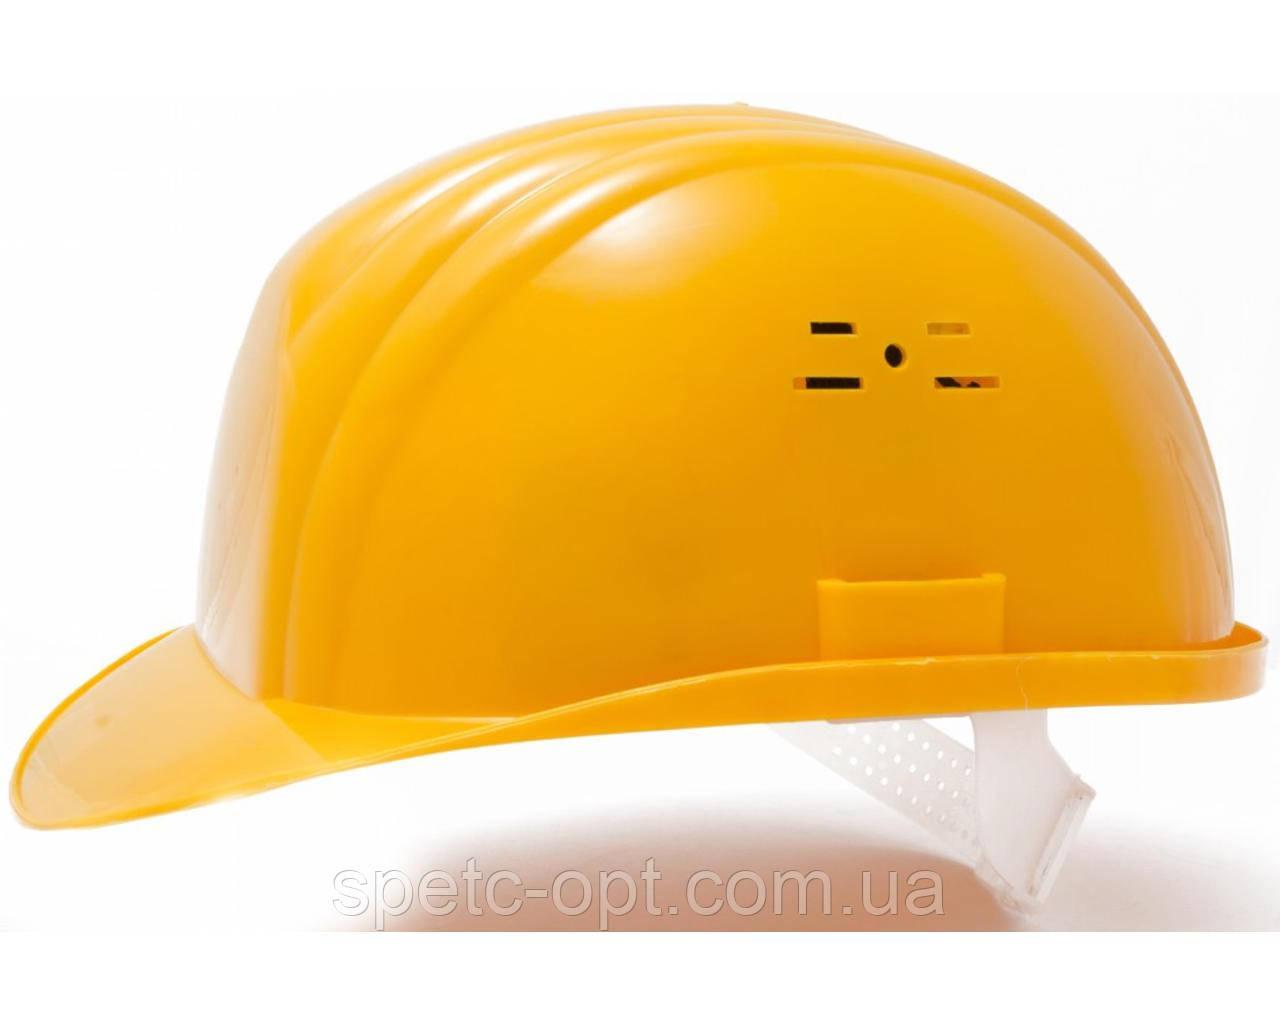 Каска строительная (желтая). Каска защитная.